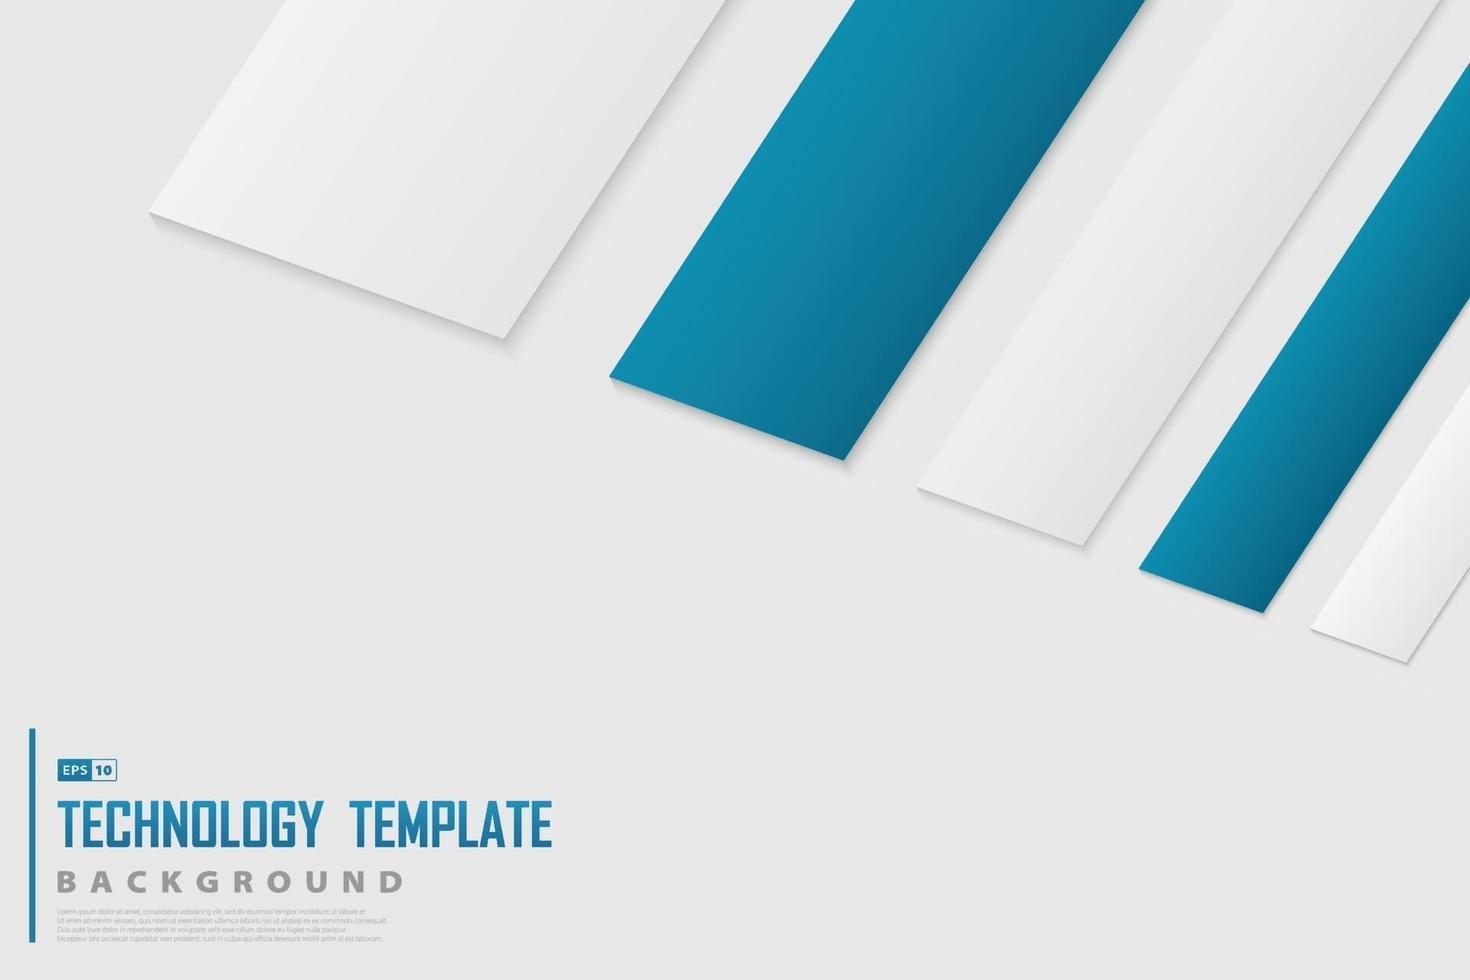 Zusammenfassung des technischen blauen und weißen Farbdesign-Dekorationstechnologiehintergrunds. Illustrationsvektor vektor